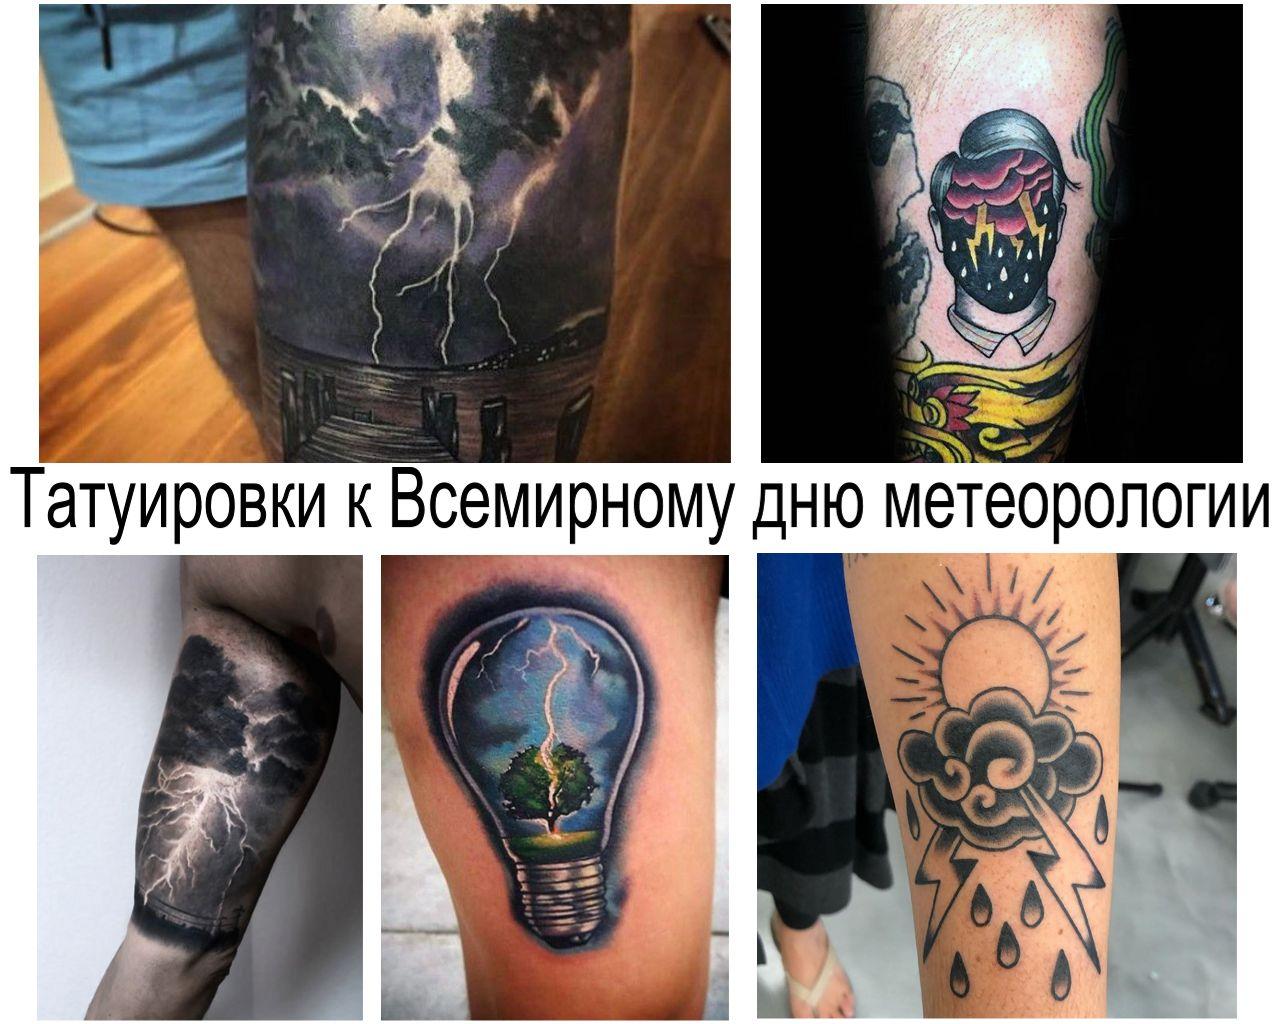 Татуировки о погоде к Всемирному дню метеорологии